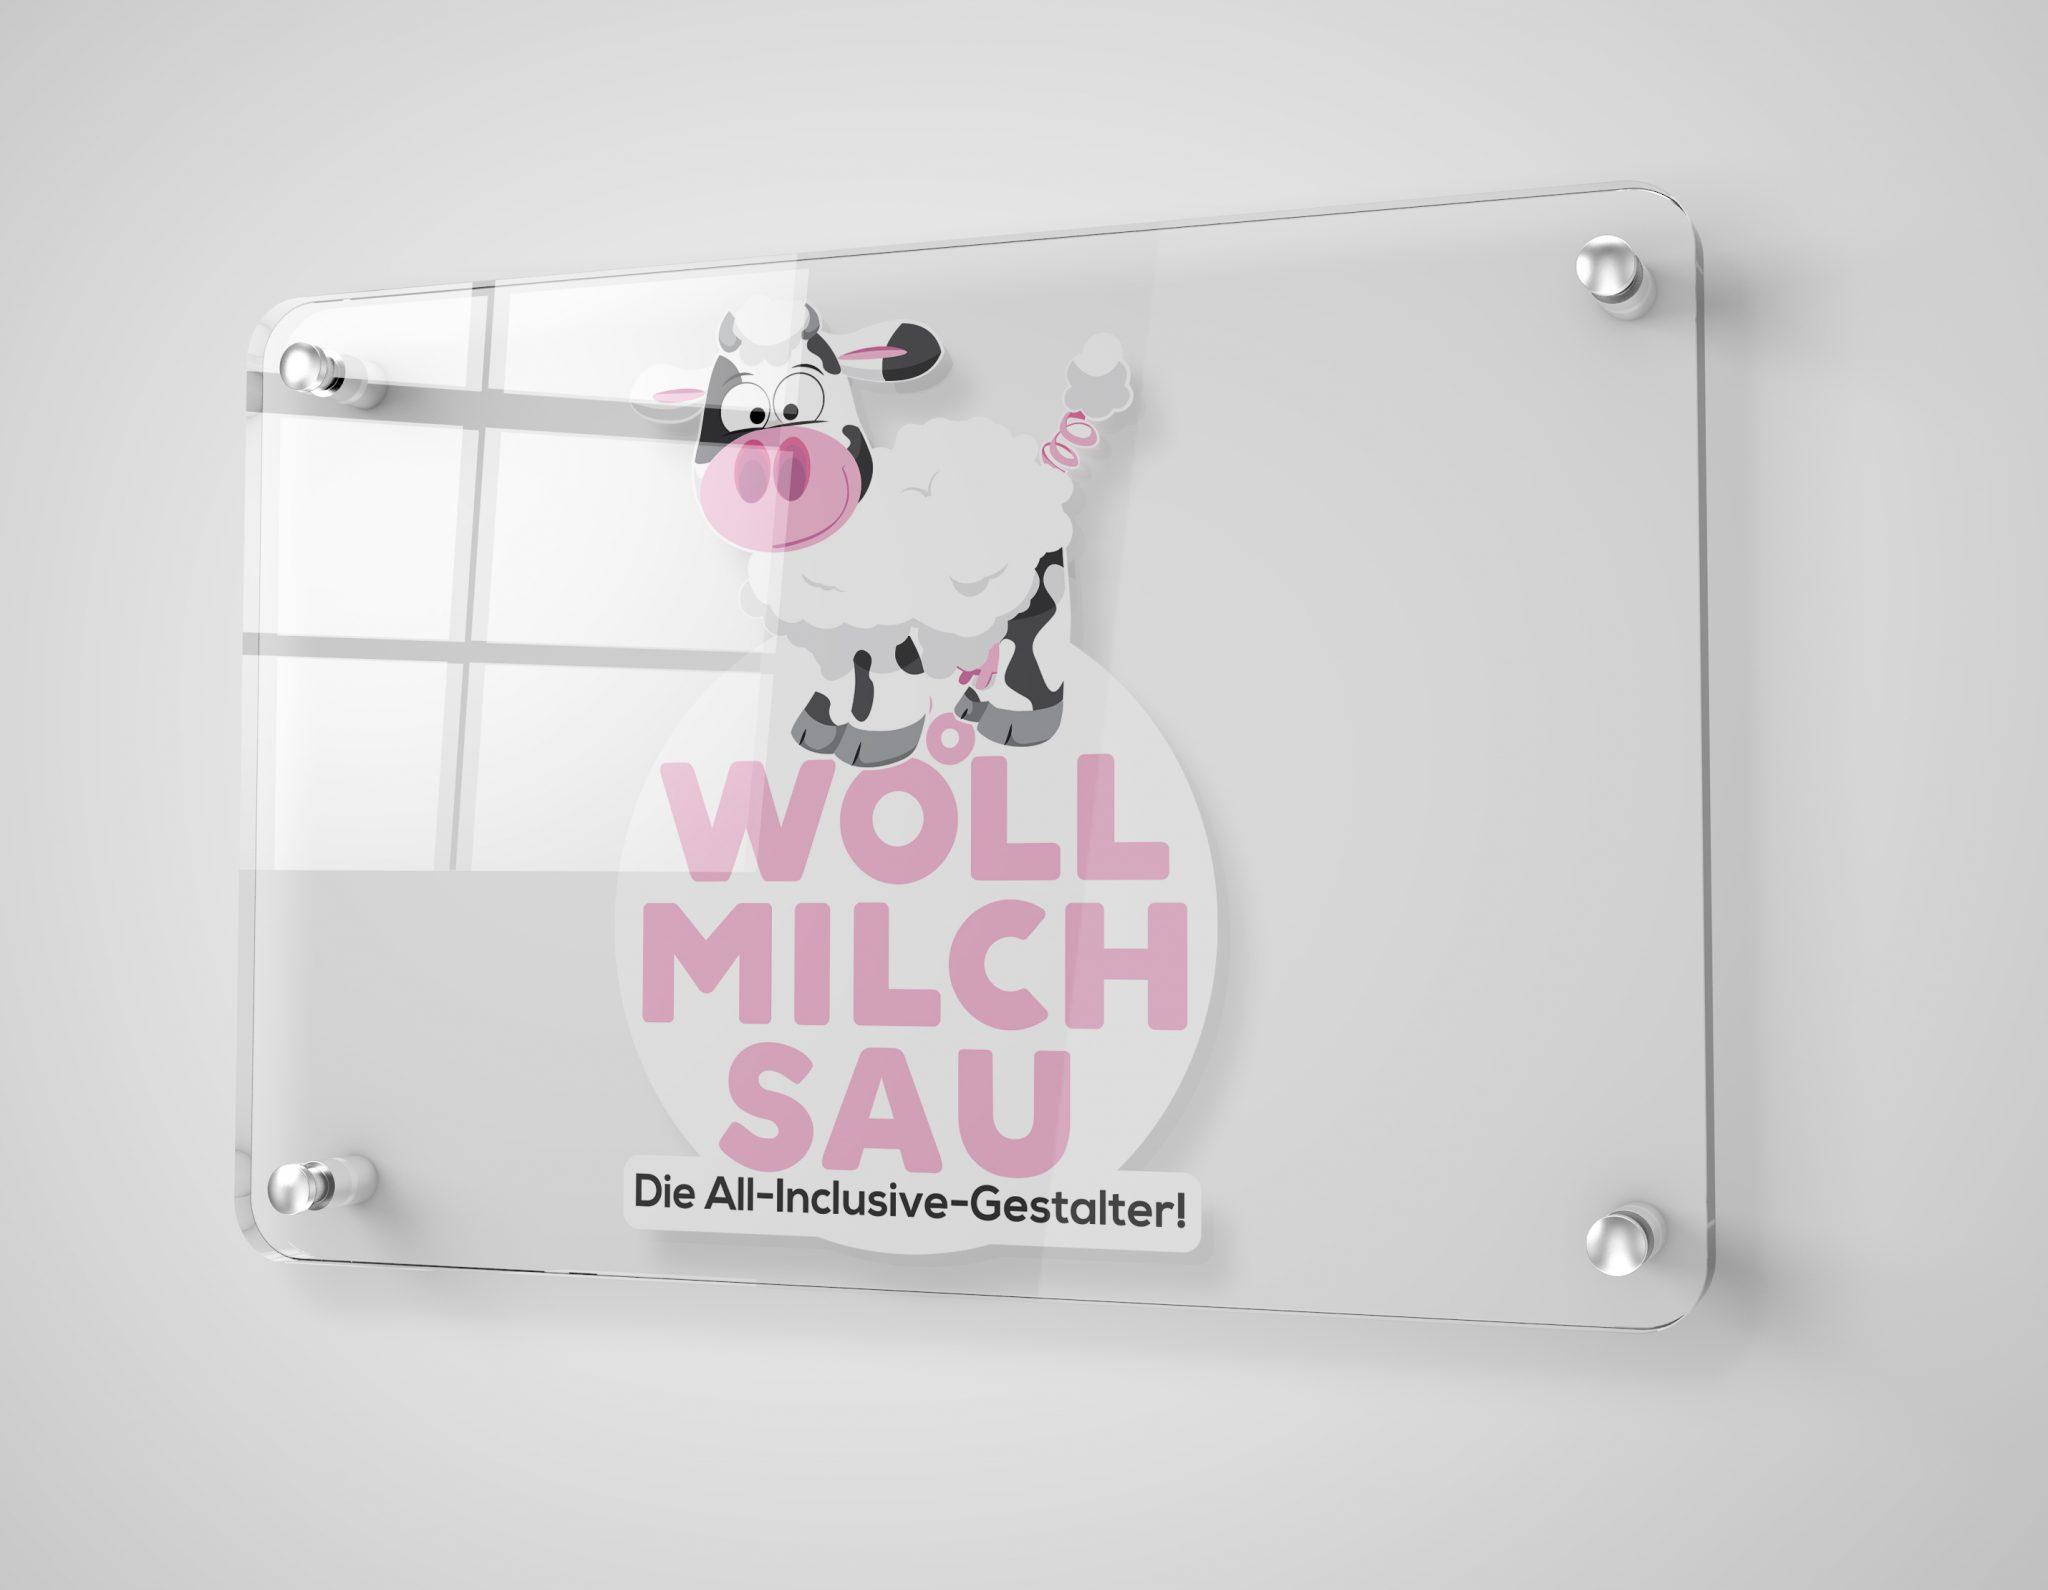 Wollmilchsau Logo